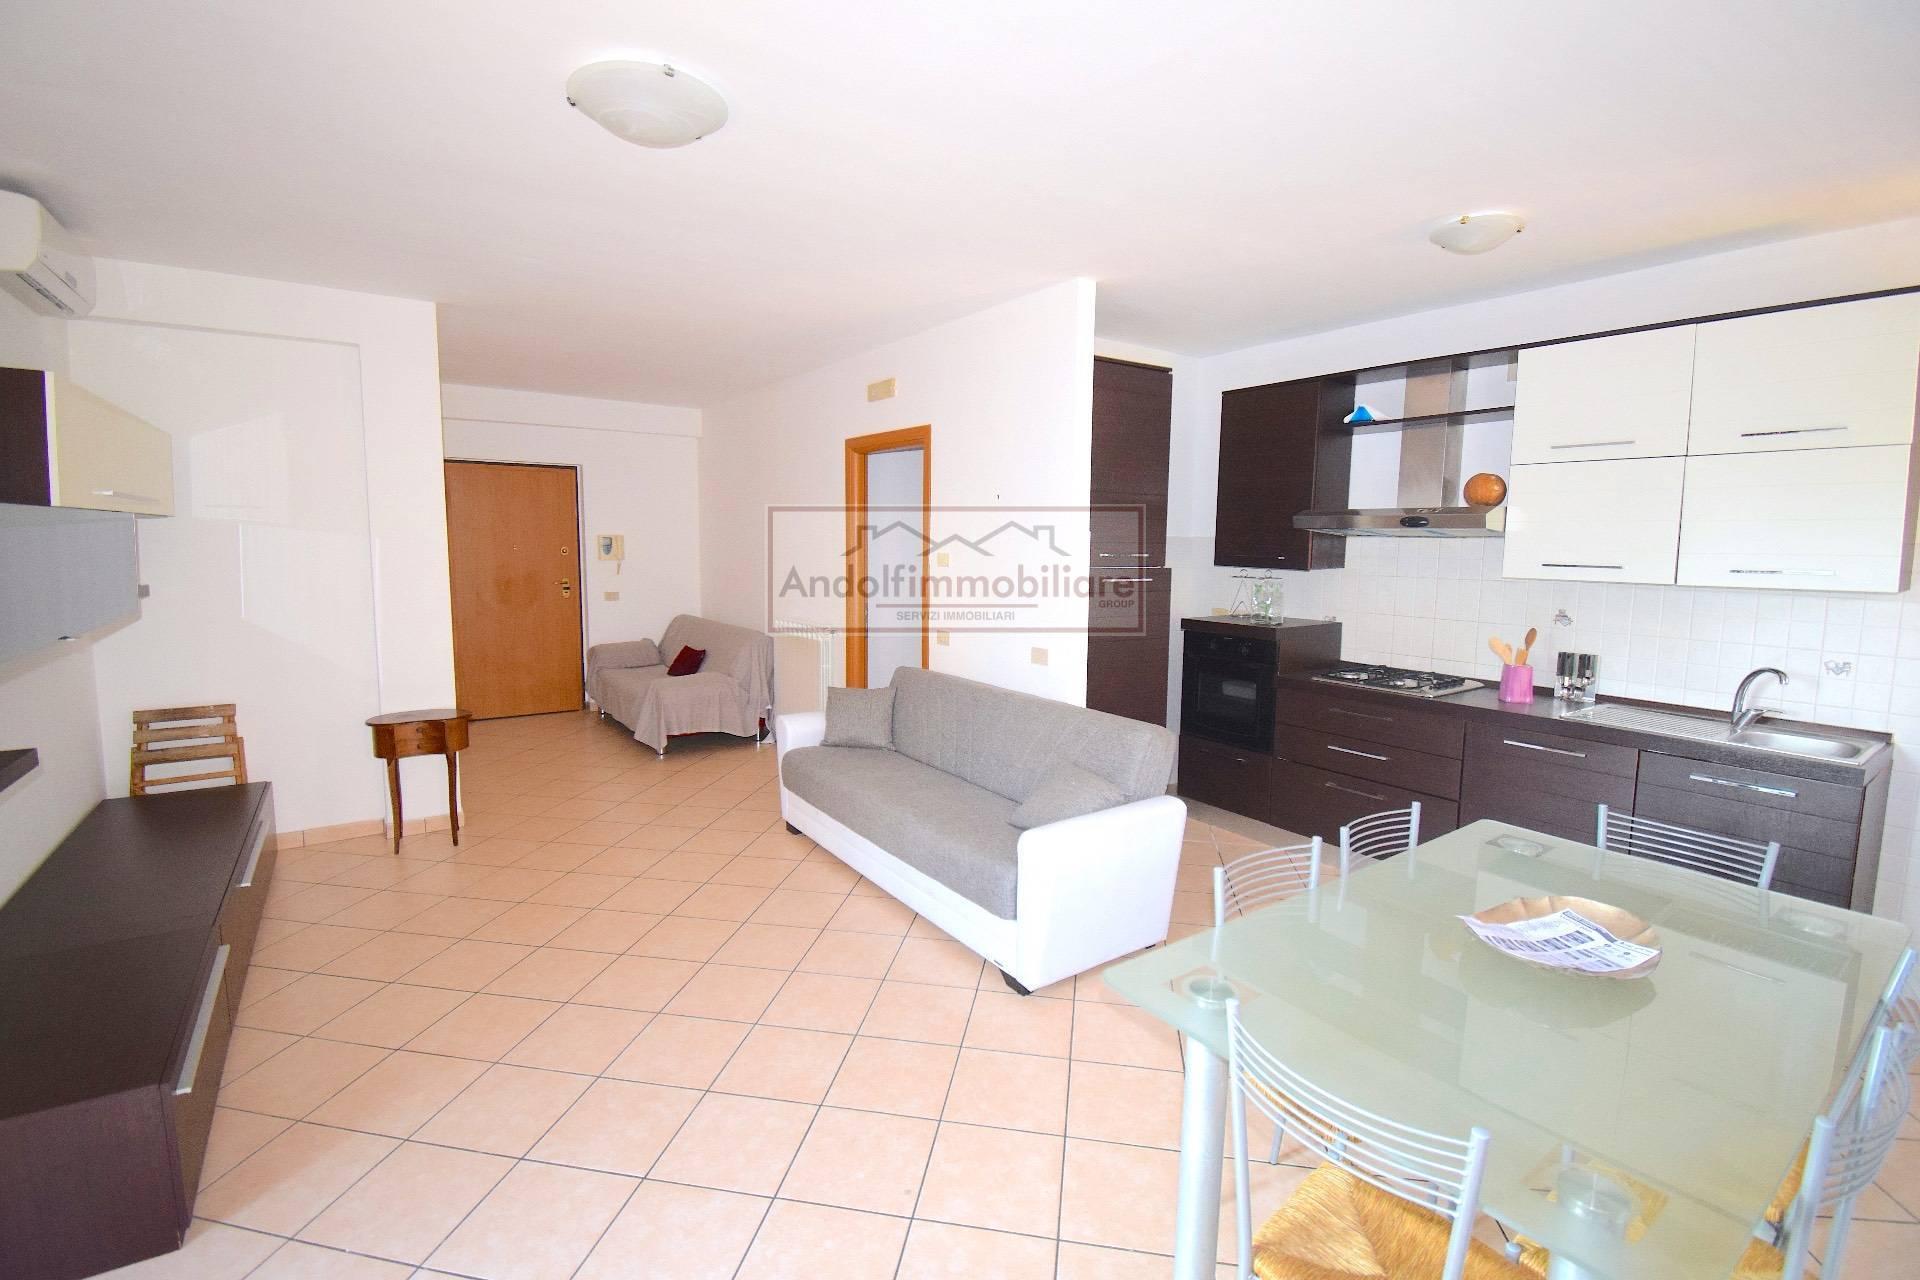 Itri Centro. Appartamento di recente costruzione con garage in Vendita a Itri.